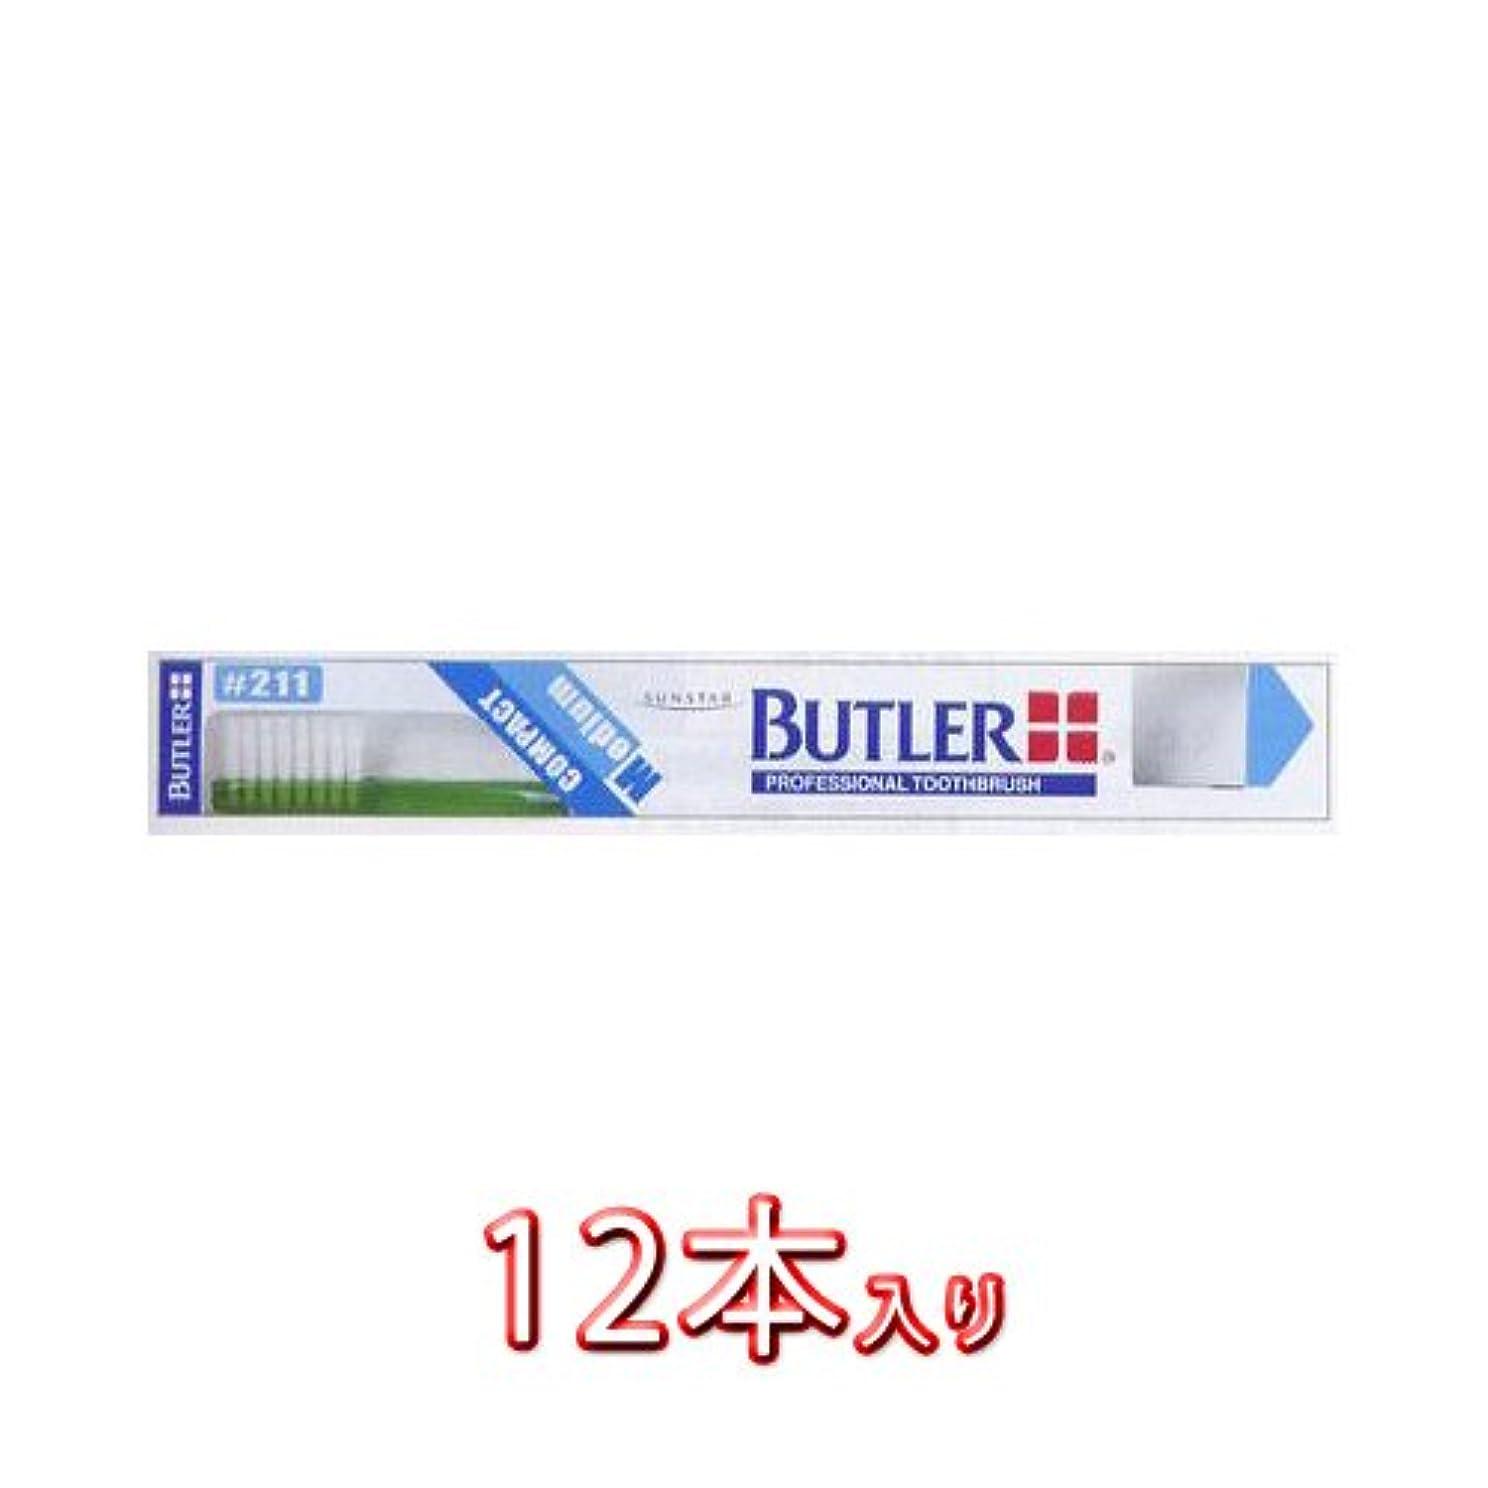 亡命胸ルアーバトラー 歯ブラシ #211 12本入